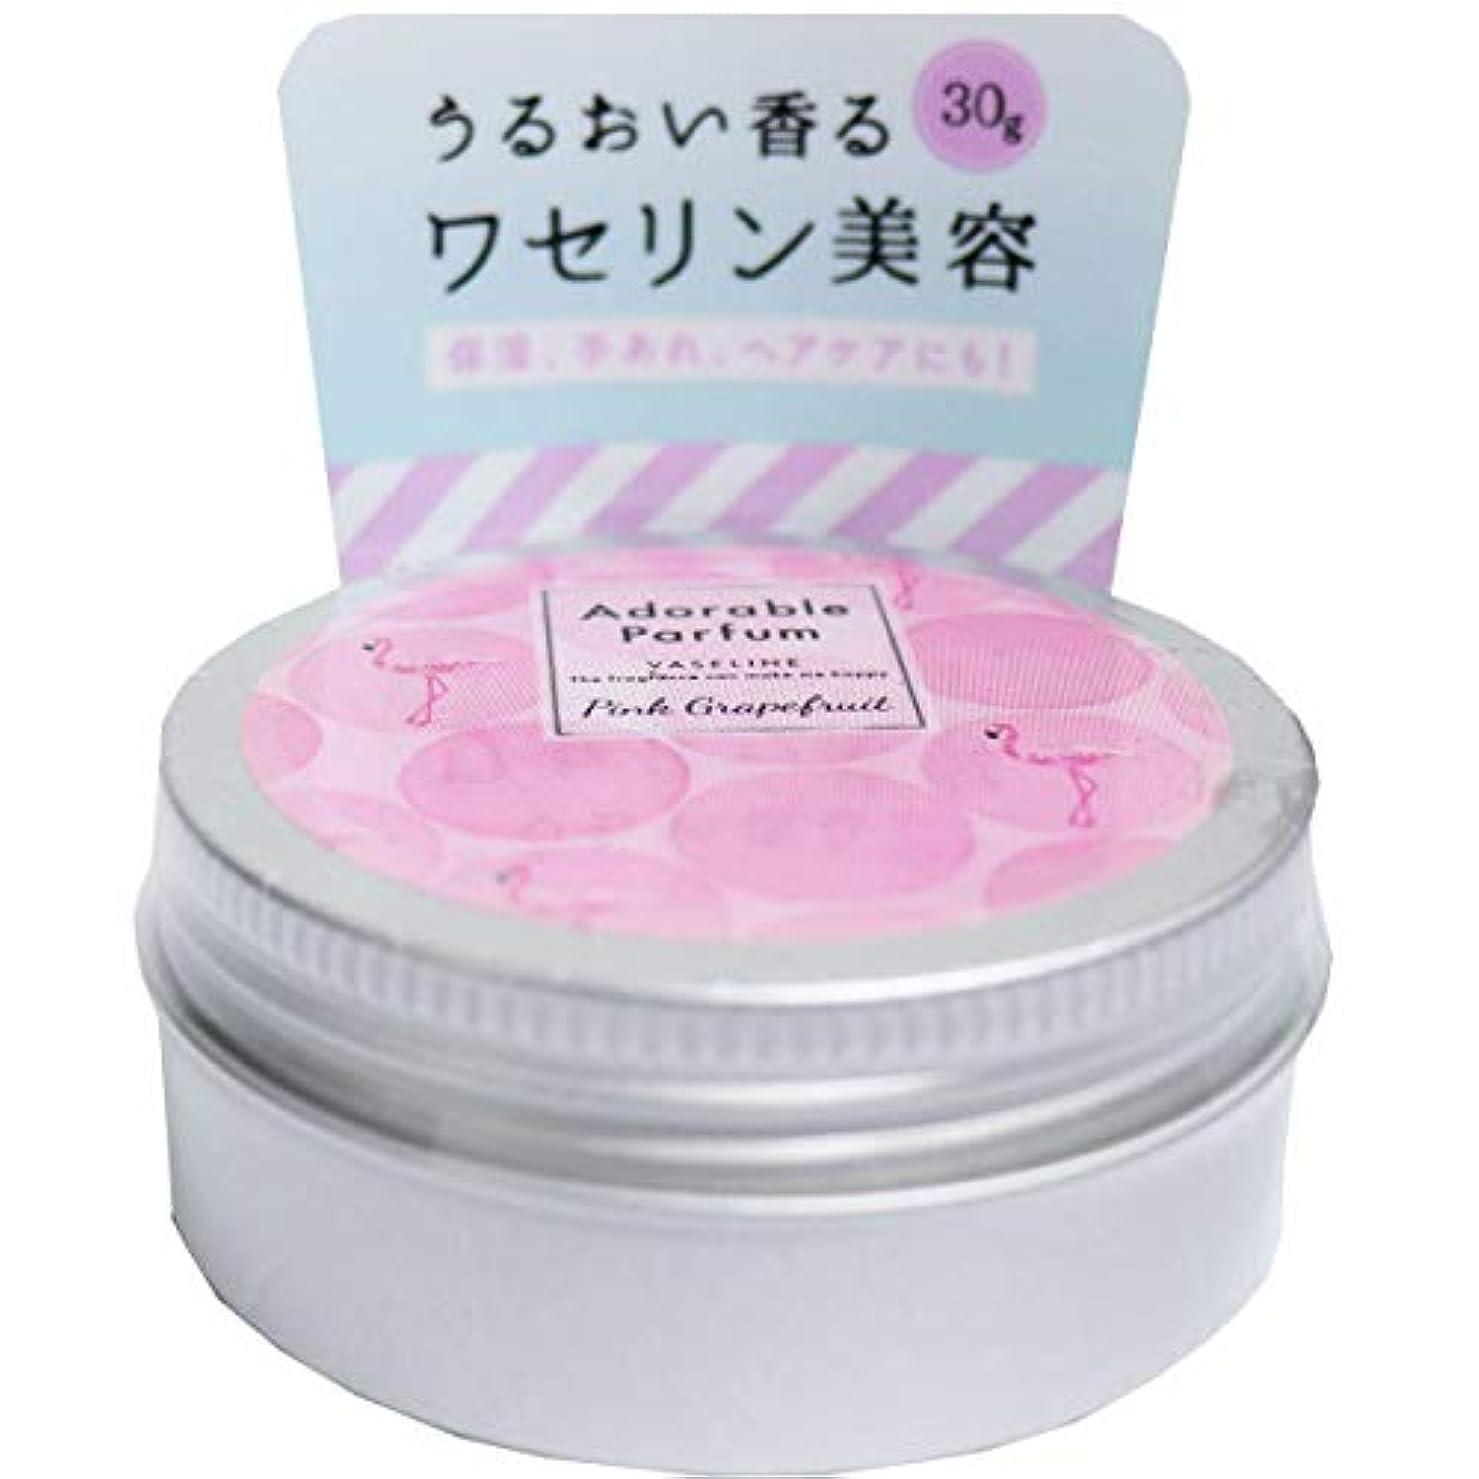 瞑想するチキン存在【 Adorable Parfum アドラブルパルファム ピンクグレープフルーツの香り 】 白ワセリン 30g ワセリン 保湿 乾燥肌用